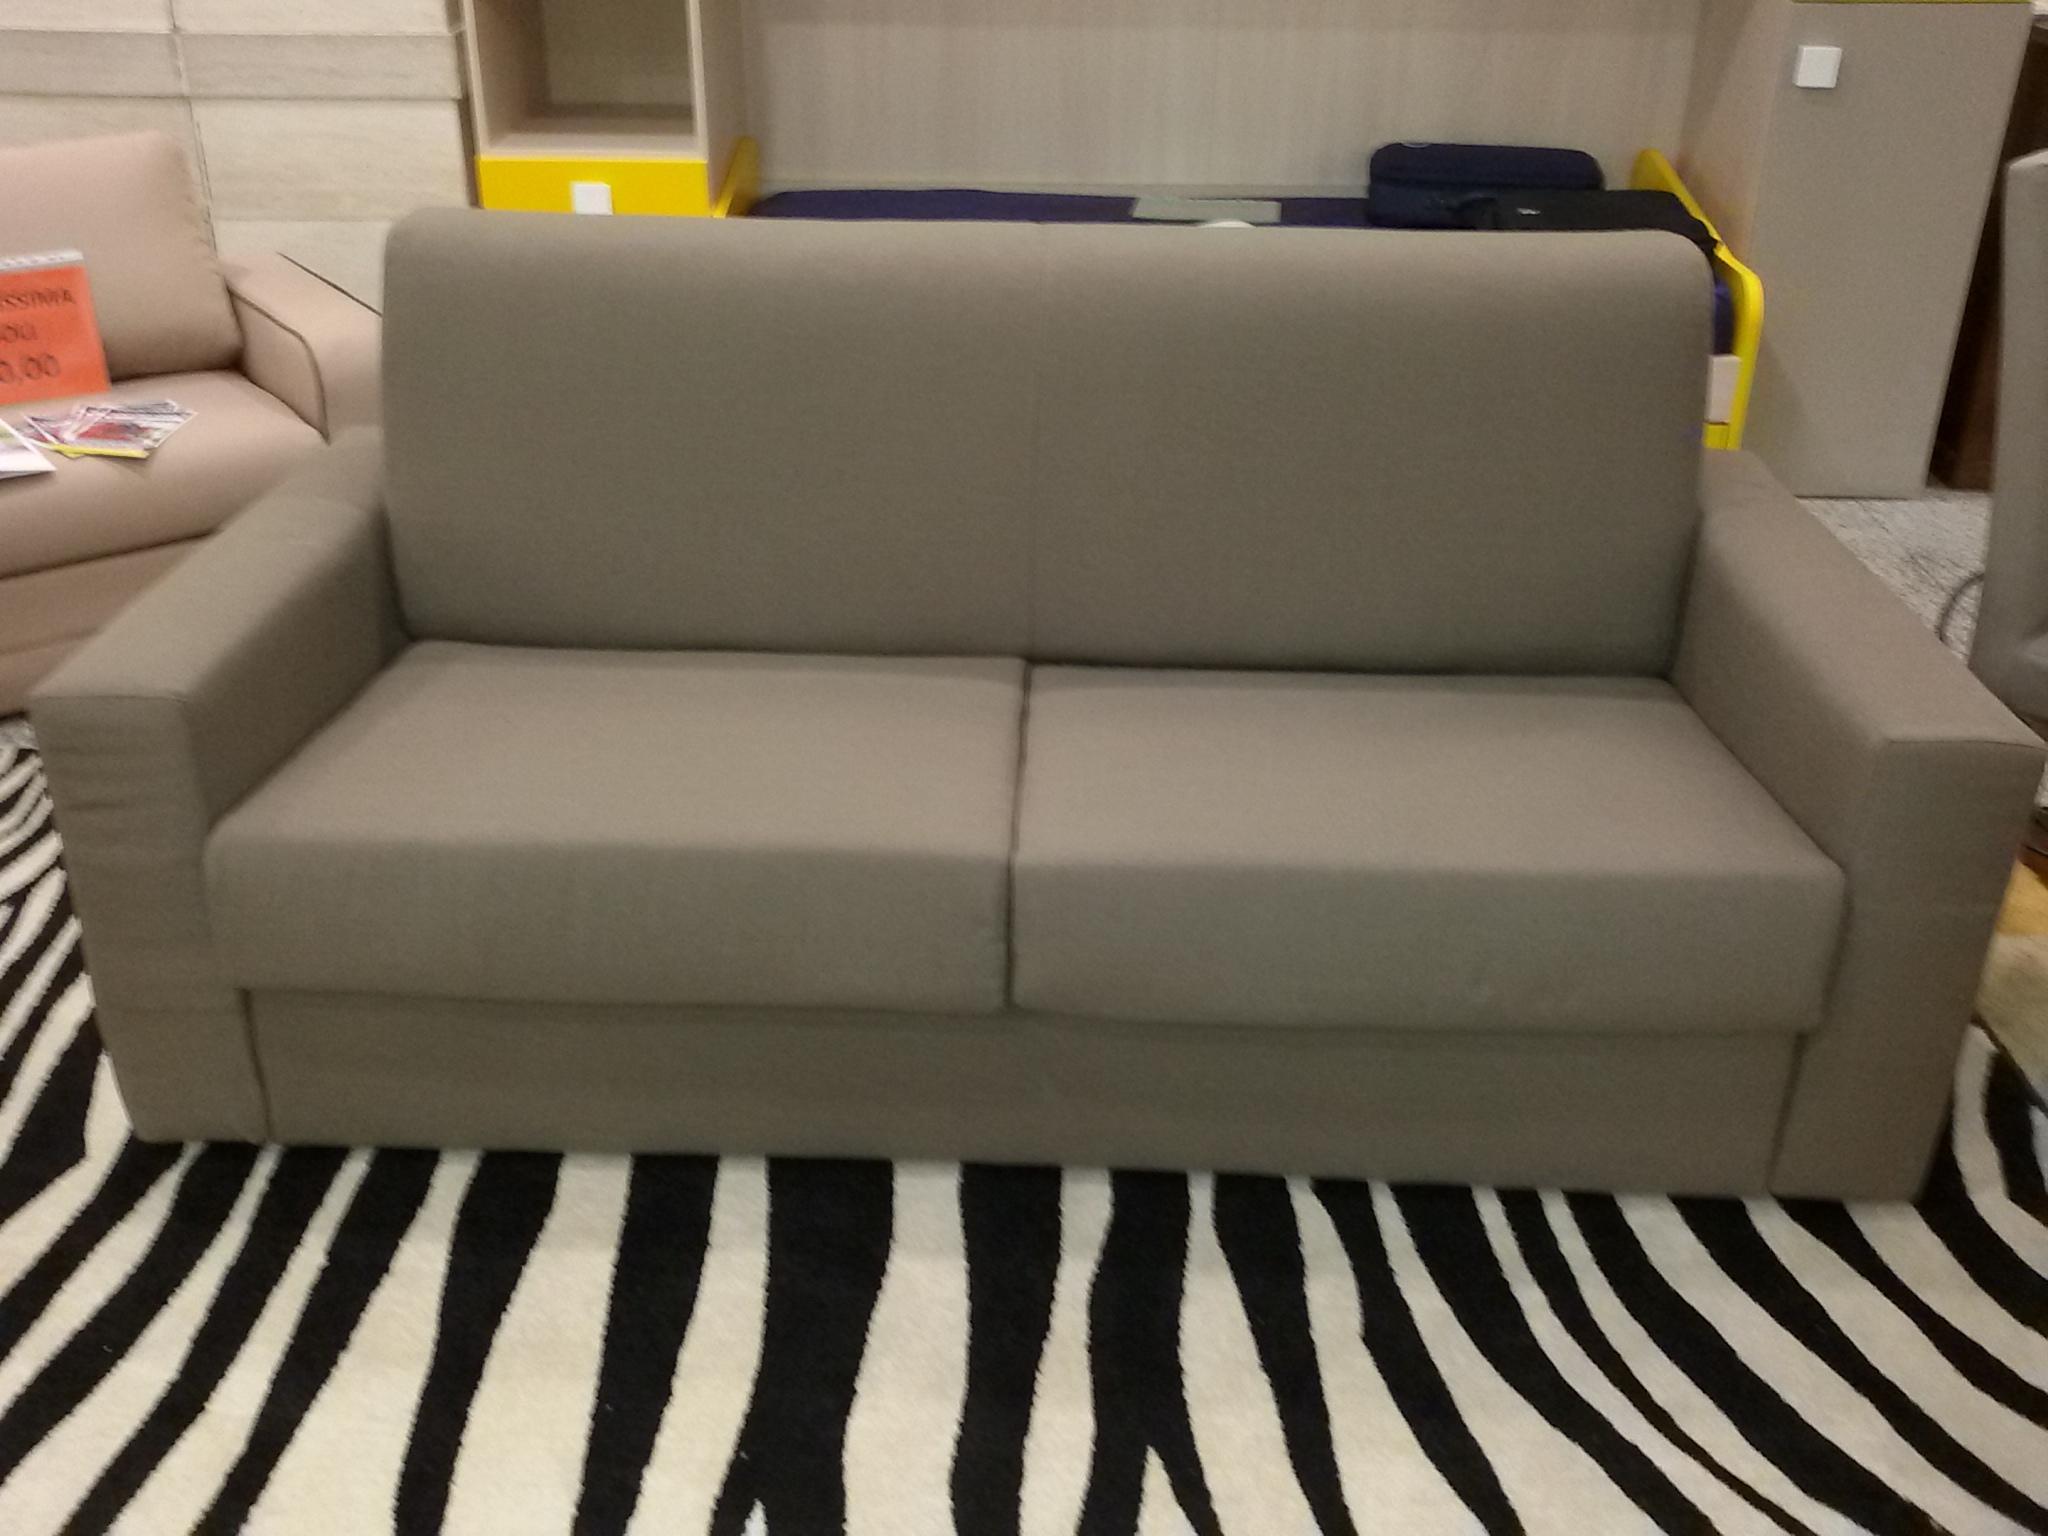 Arredo casa oristano divano letto con rete elettrsaldata for Divano letto 190 cm